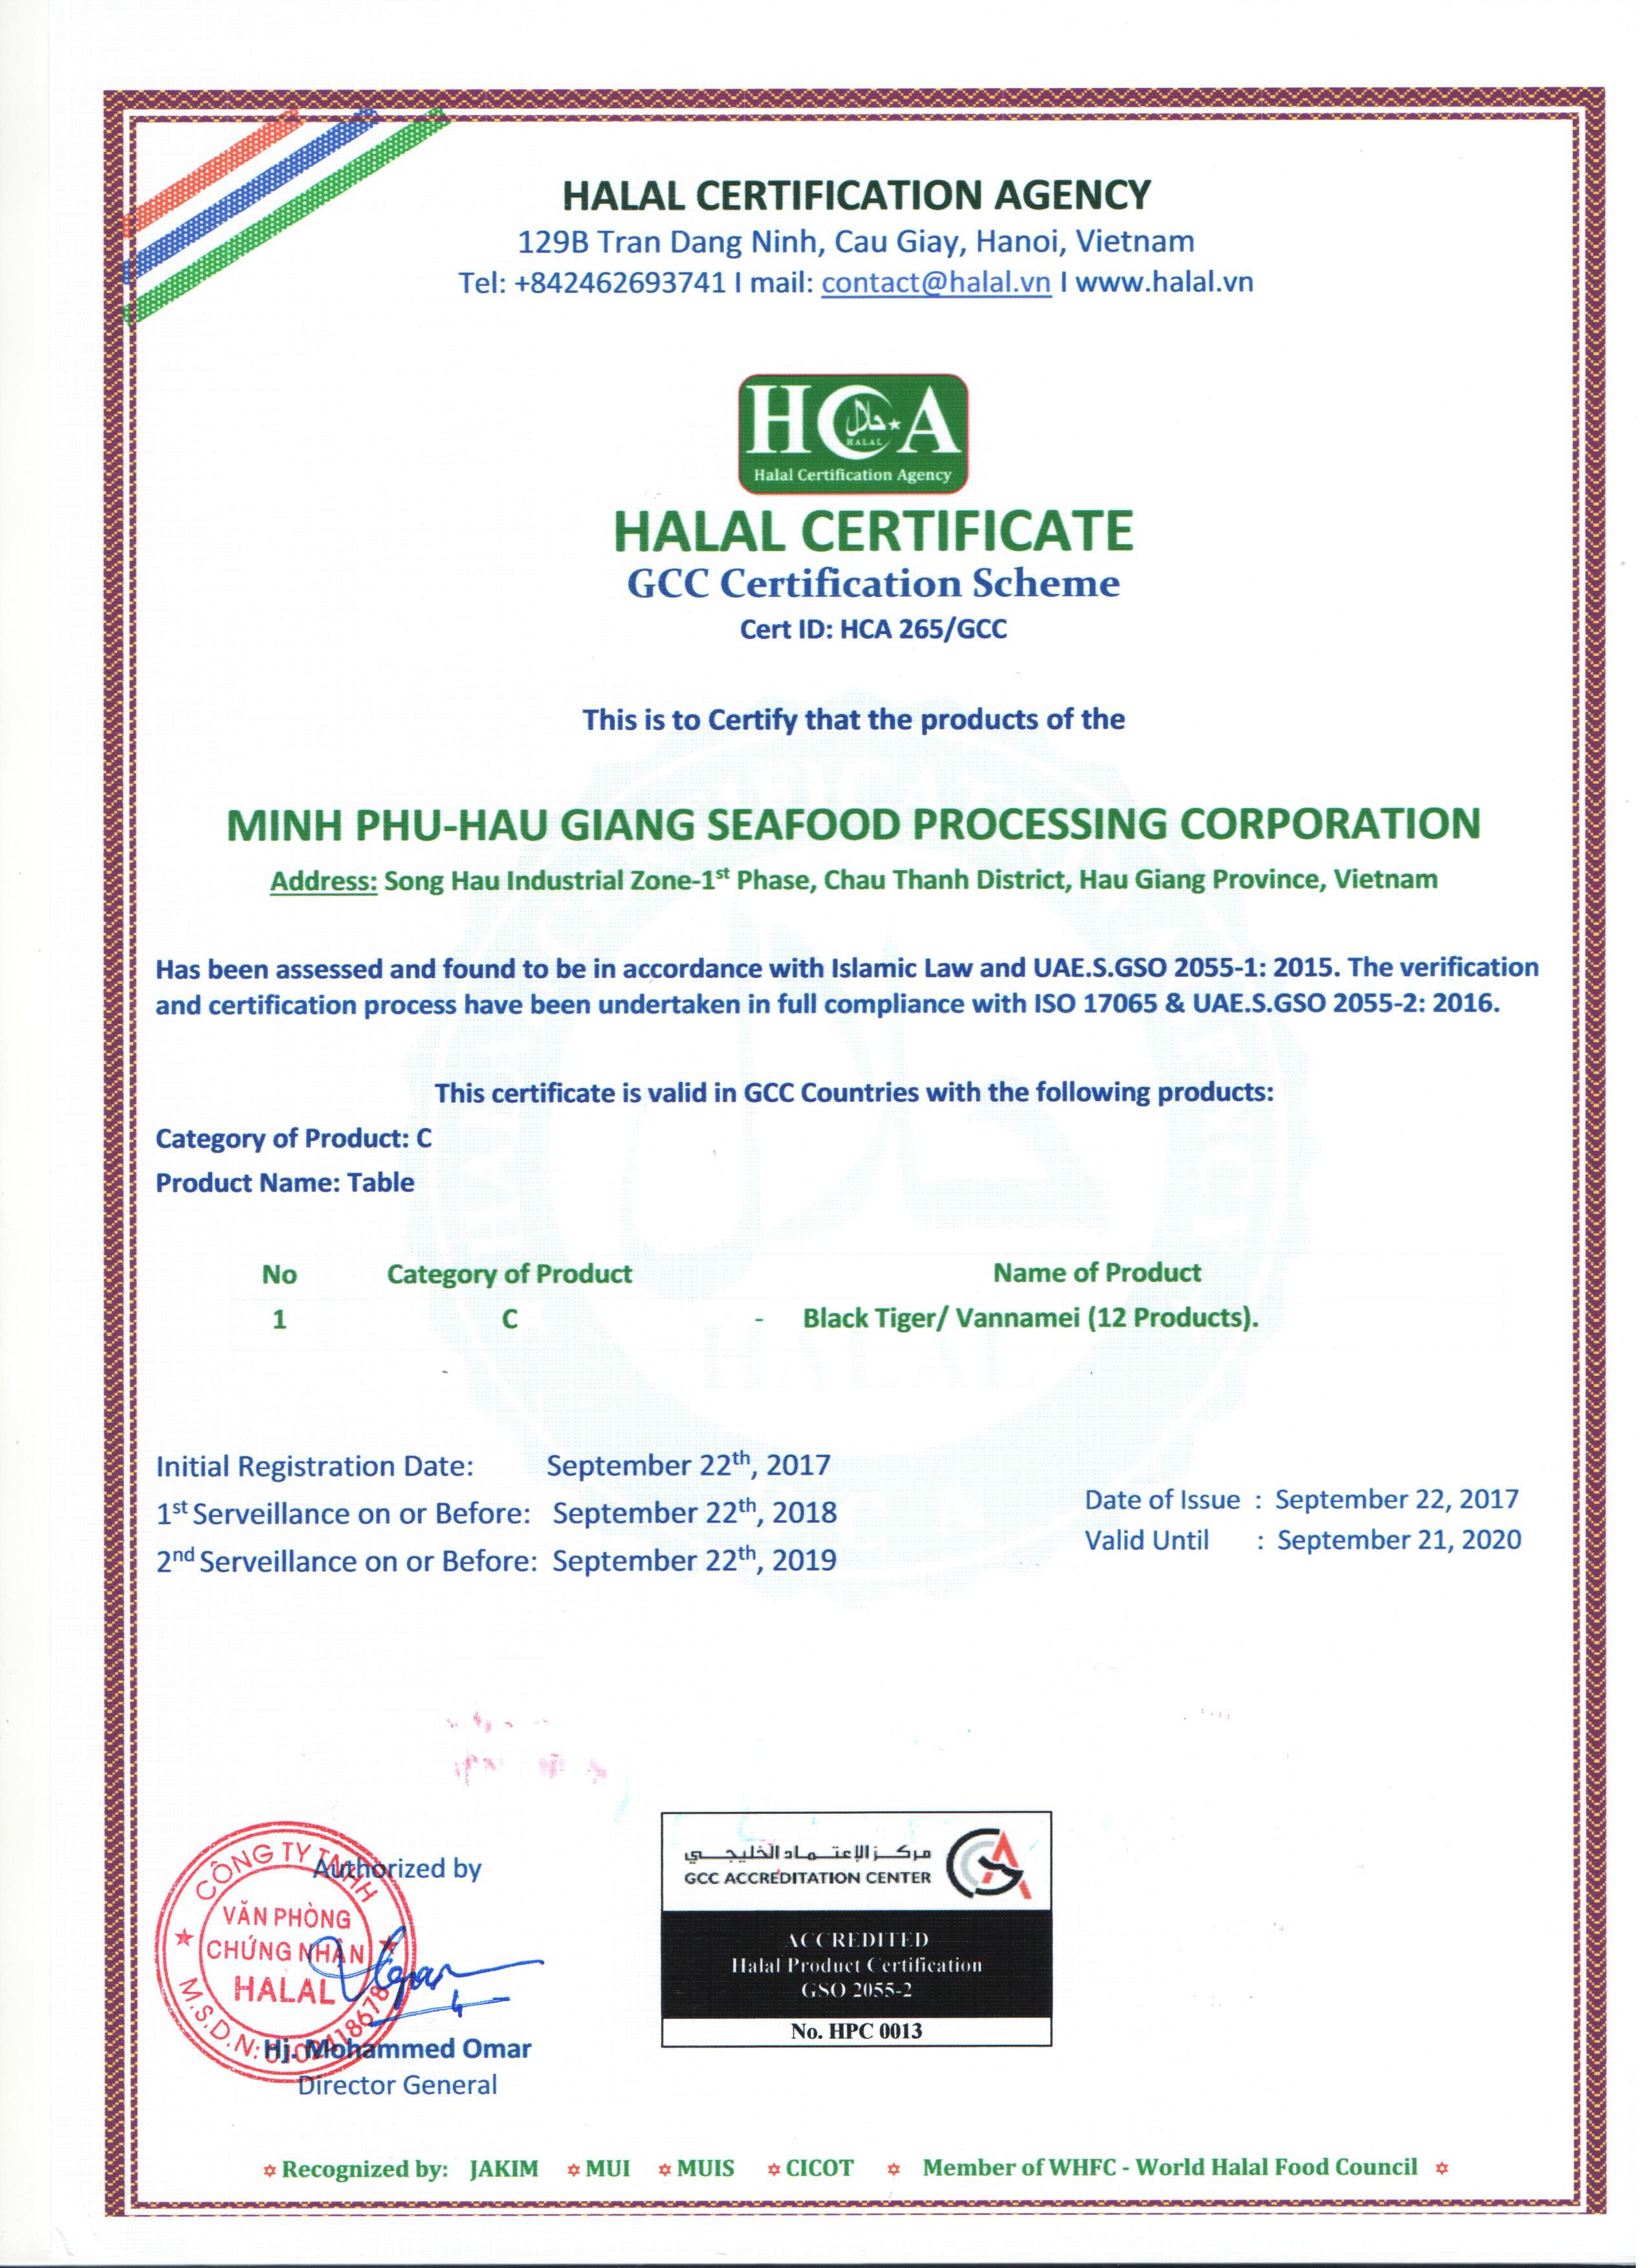 22.09.2017-Minh Phu Hau Giang GCC